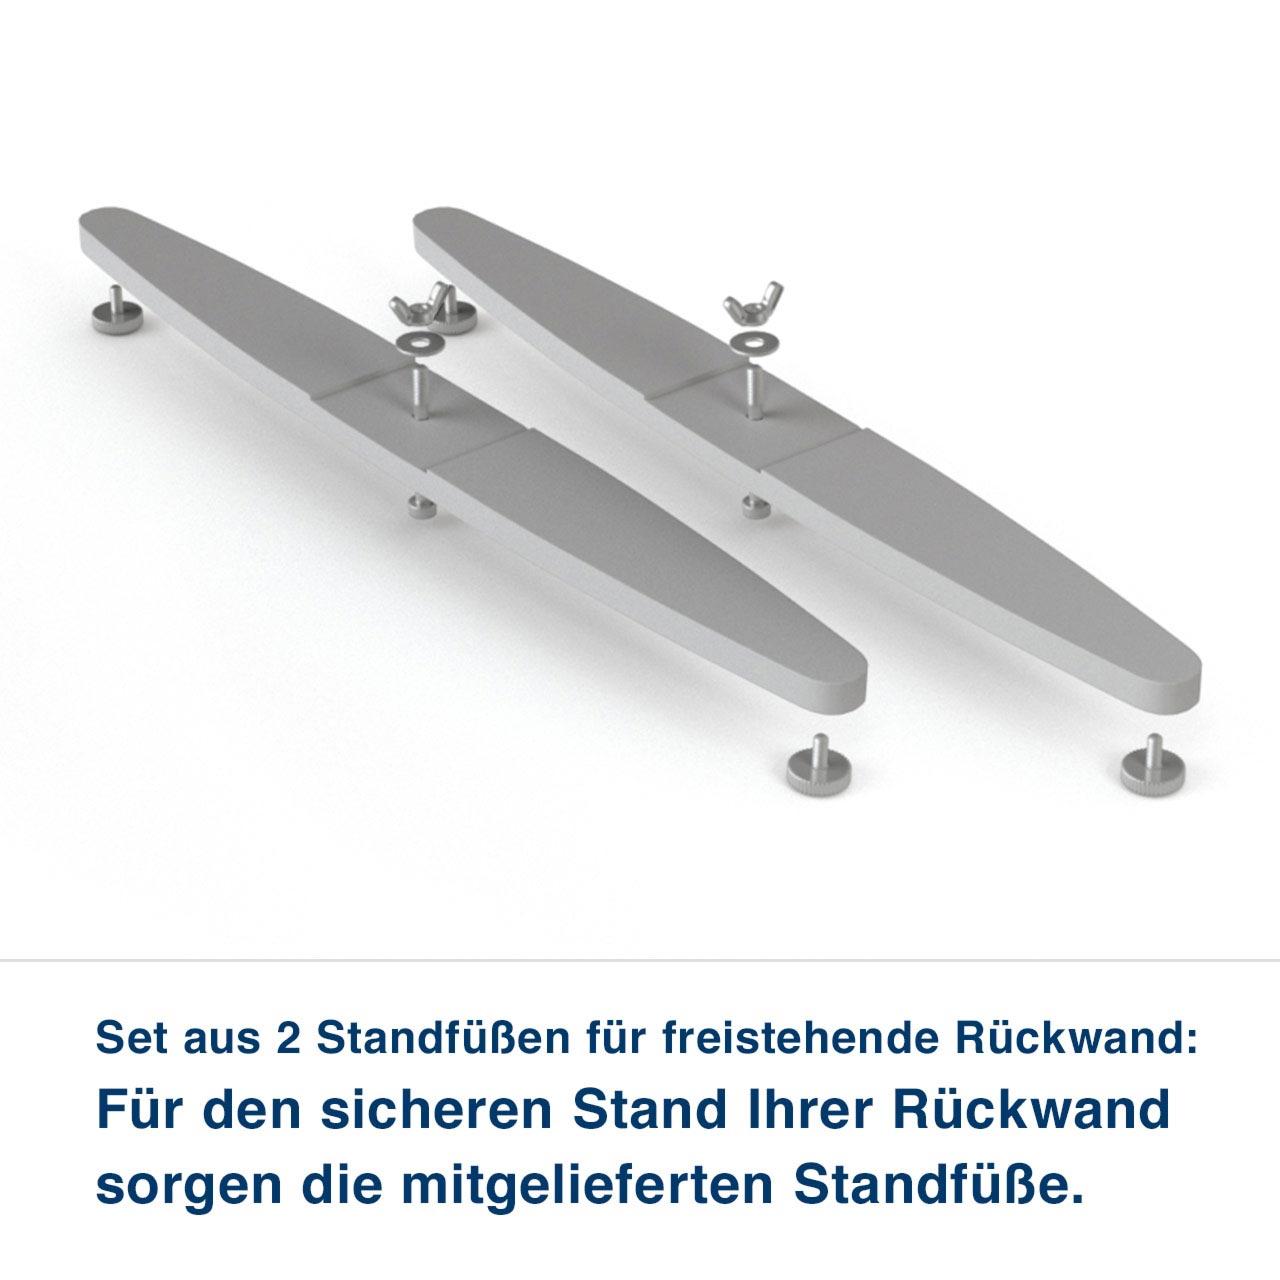 Set aus 2 Standfüßen für freistehende Rückwand:   Für den sicheren Stand Ihrer Rückwand liefern wir Standfüße mit. für